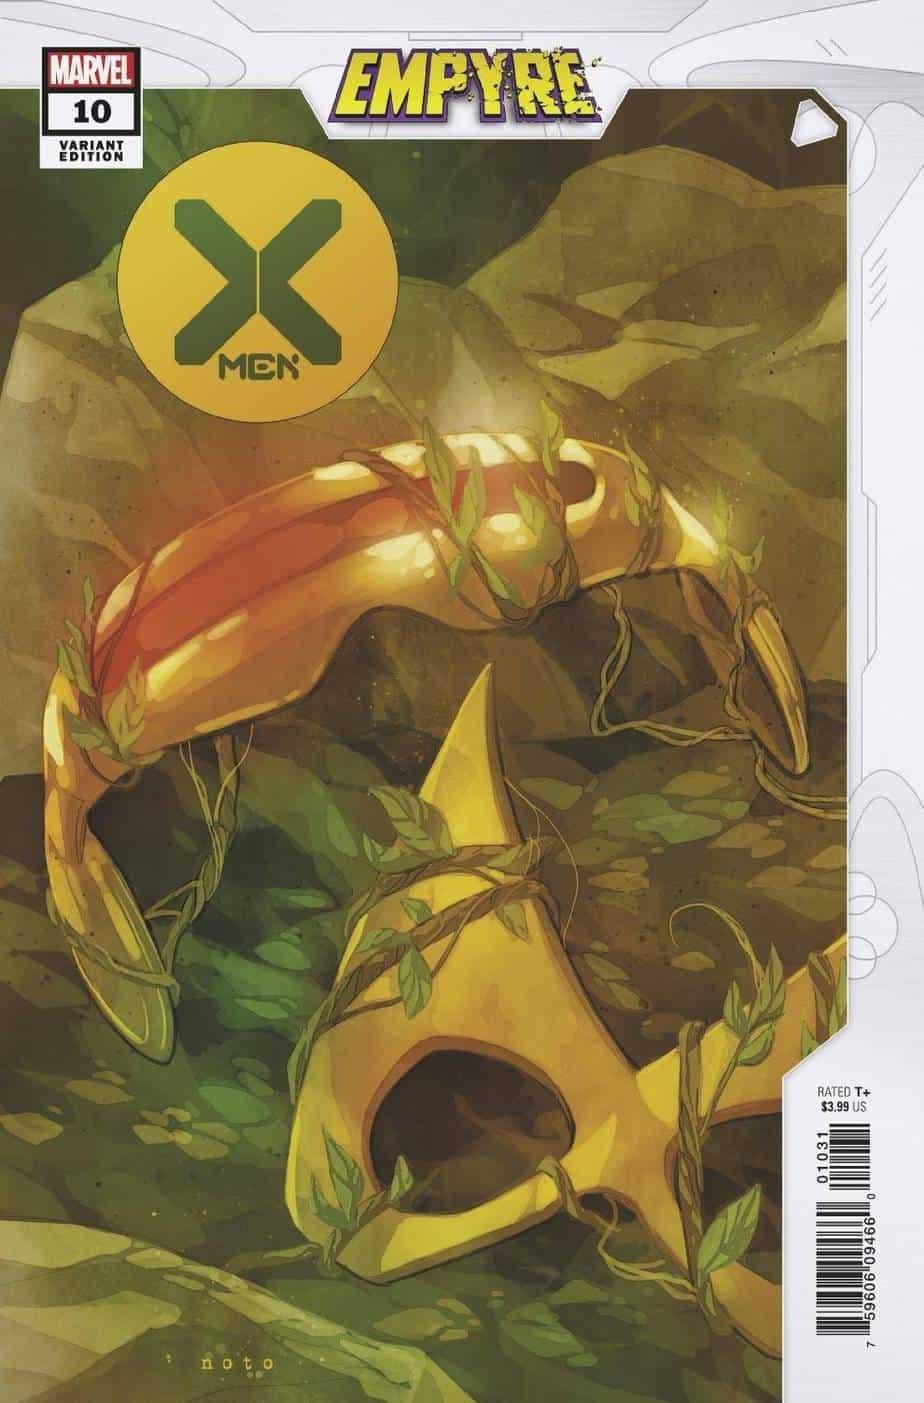 X-MEN #10 - Cover C